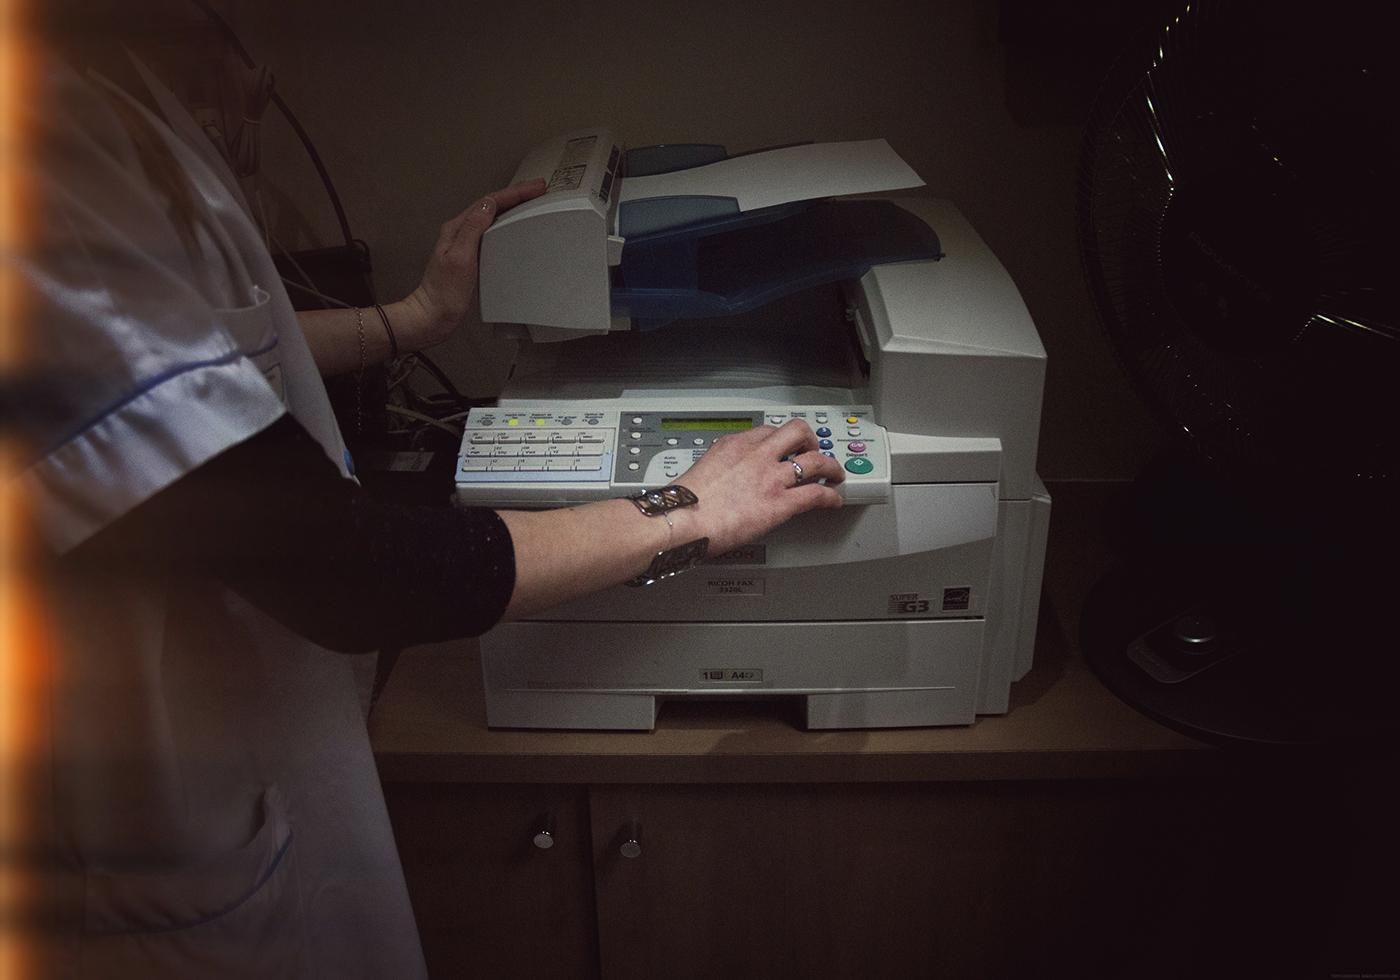 À l'heure de la chirurgie à distance et des cœurs artificiels, le télécopieur fait de la résistance dans les hôpitaux. (Télécopieur de la Clinique Sainte Geneviève, Paris. Photo Marie Hamel/8e étage)